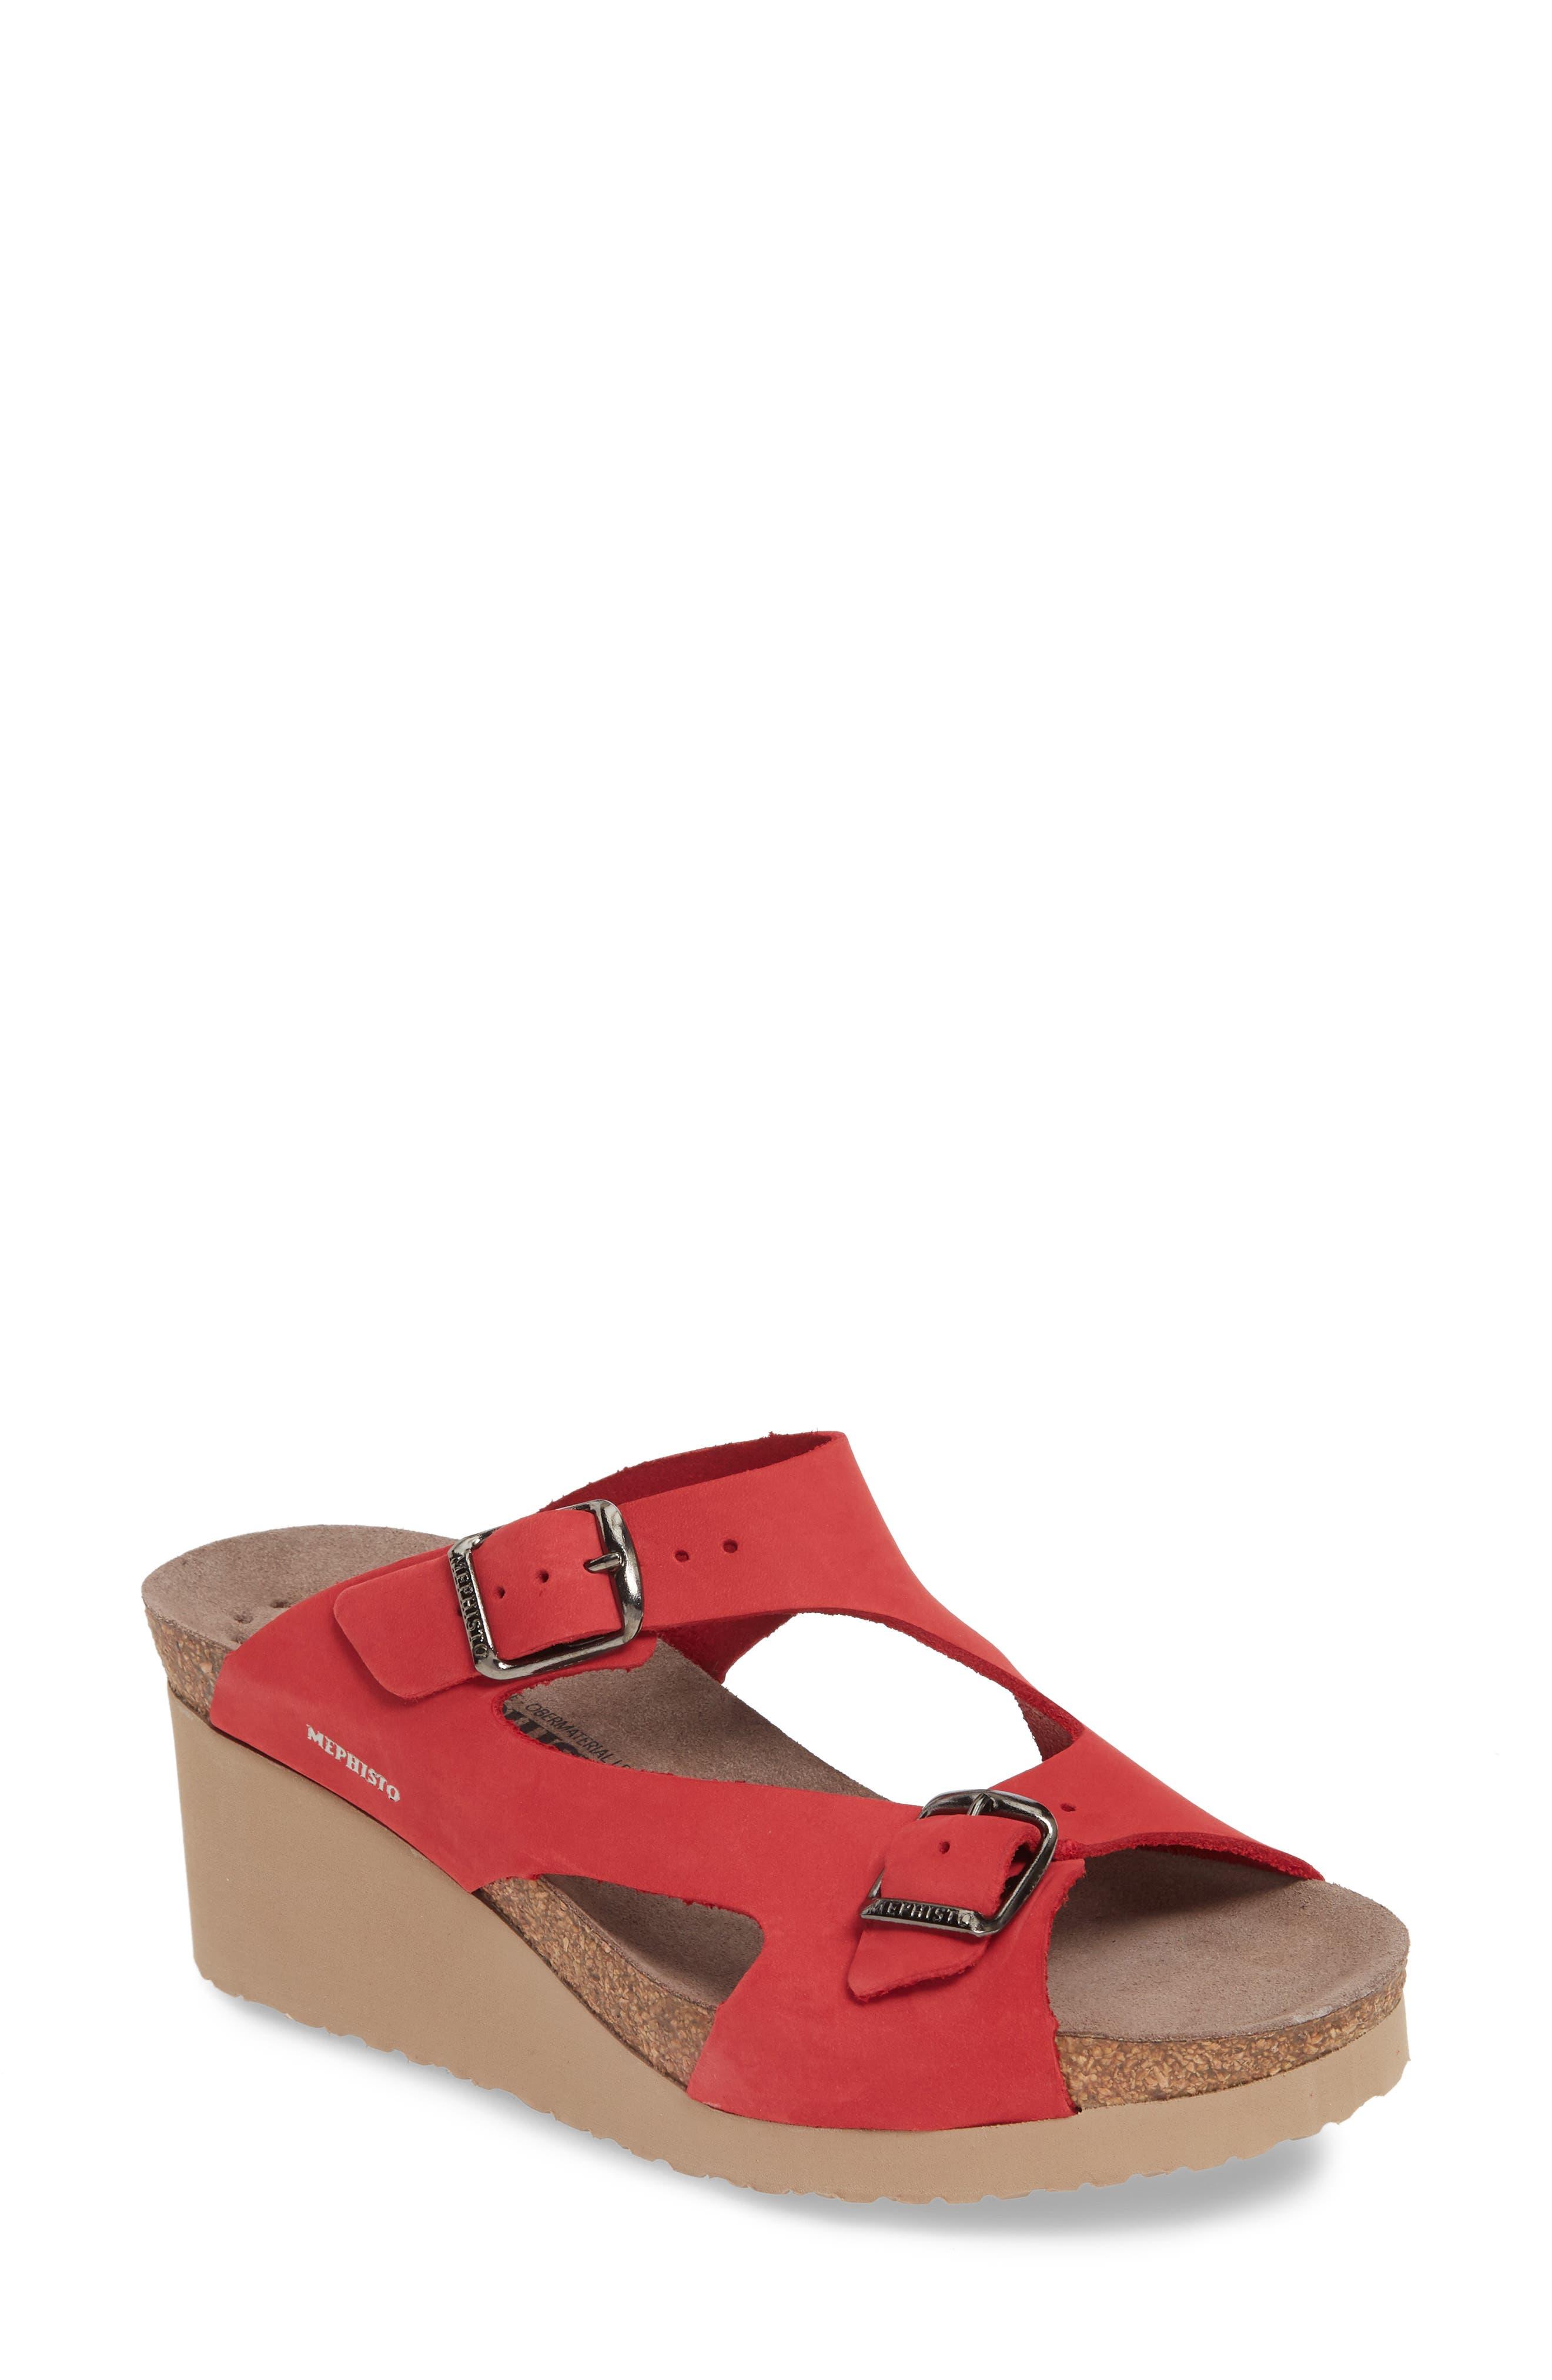 Mephisto Terie Slide Sandal, Red